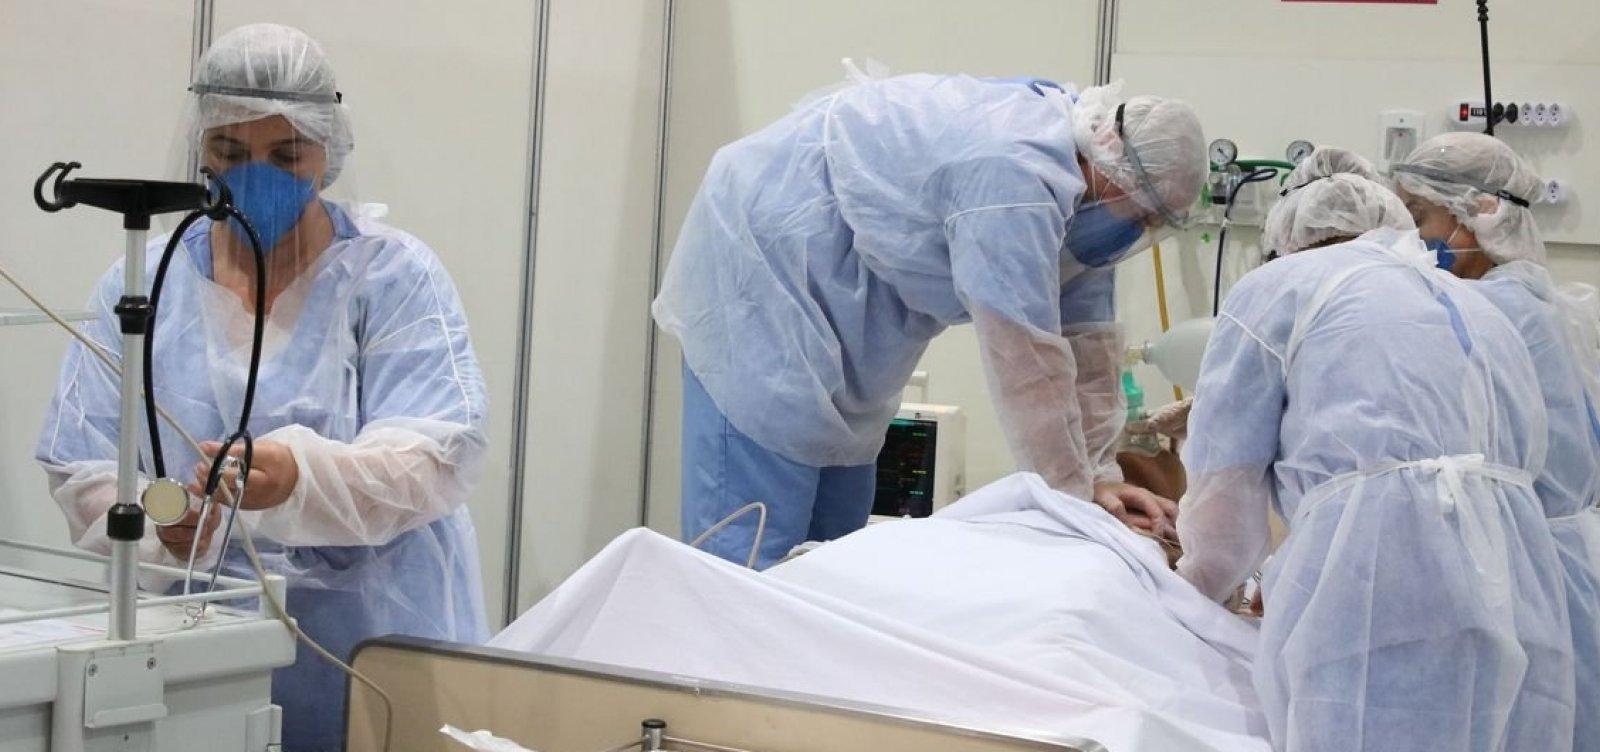 [Com sistema de saúde saturado, 44% dos municípios estão na iminência de faltar kits intubação]